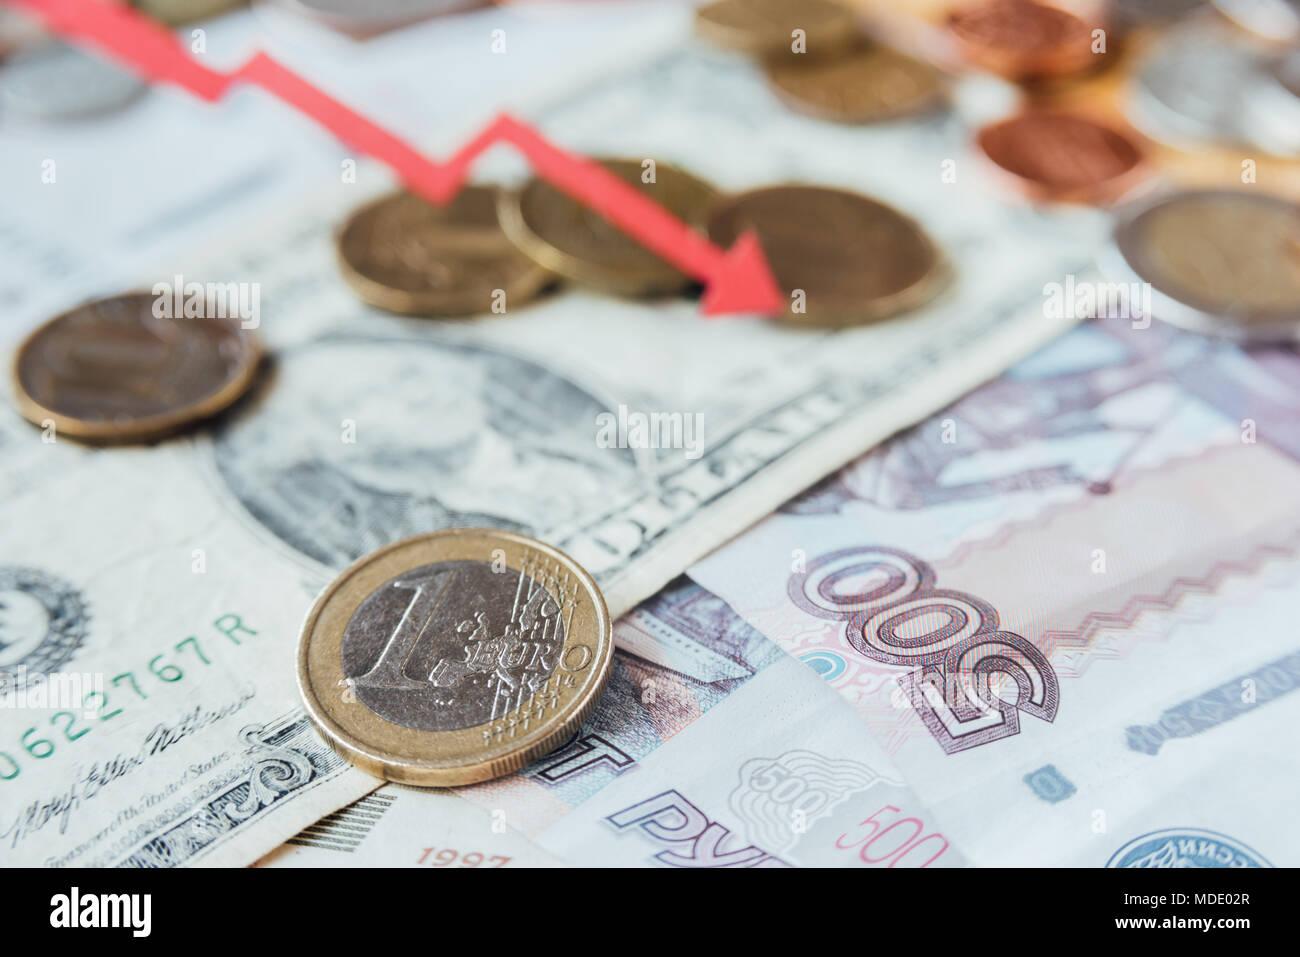 Rubel, US-Dollar und Euro mit rote Trendlinie. Fallende Tendenz Stockbild